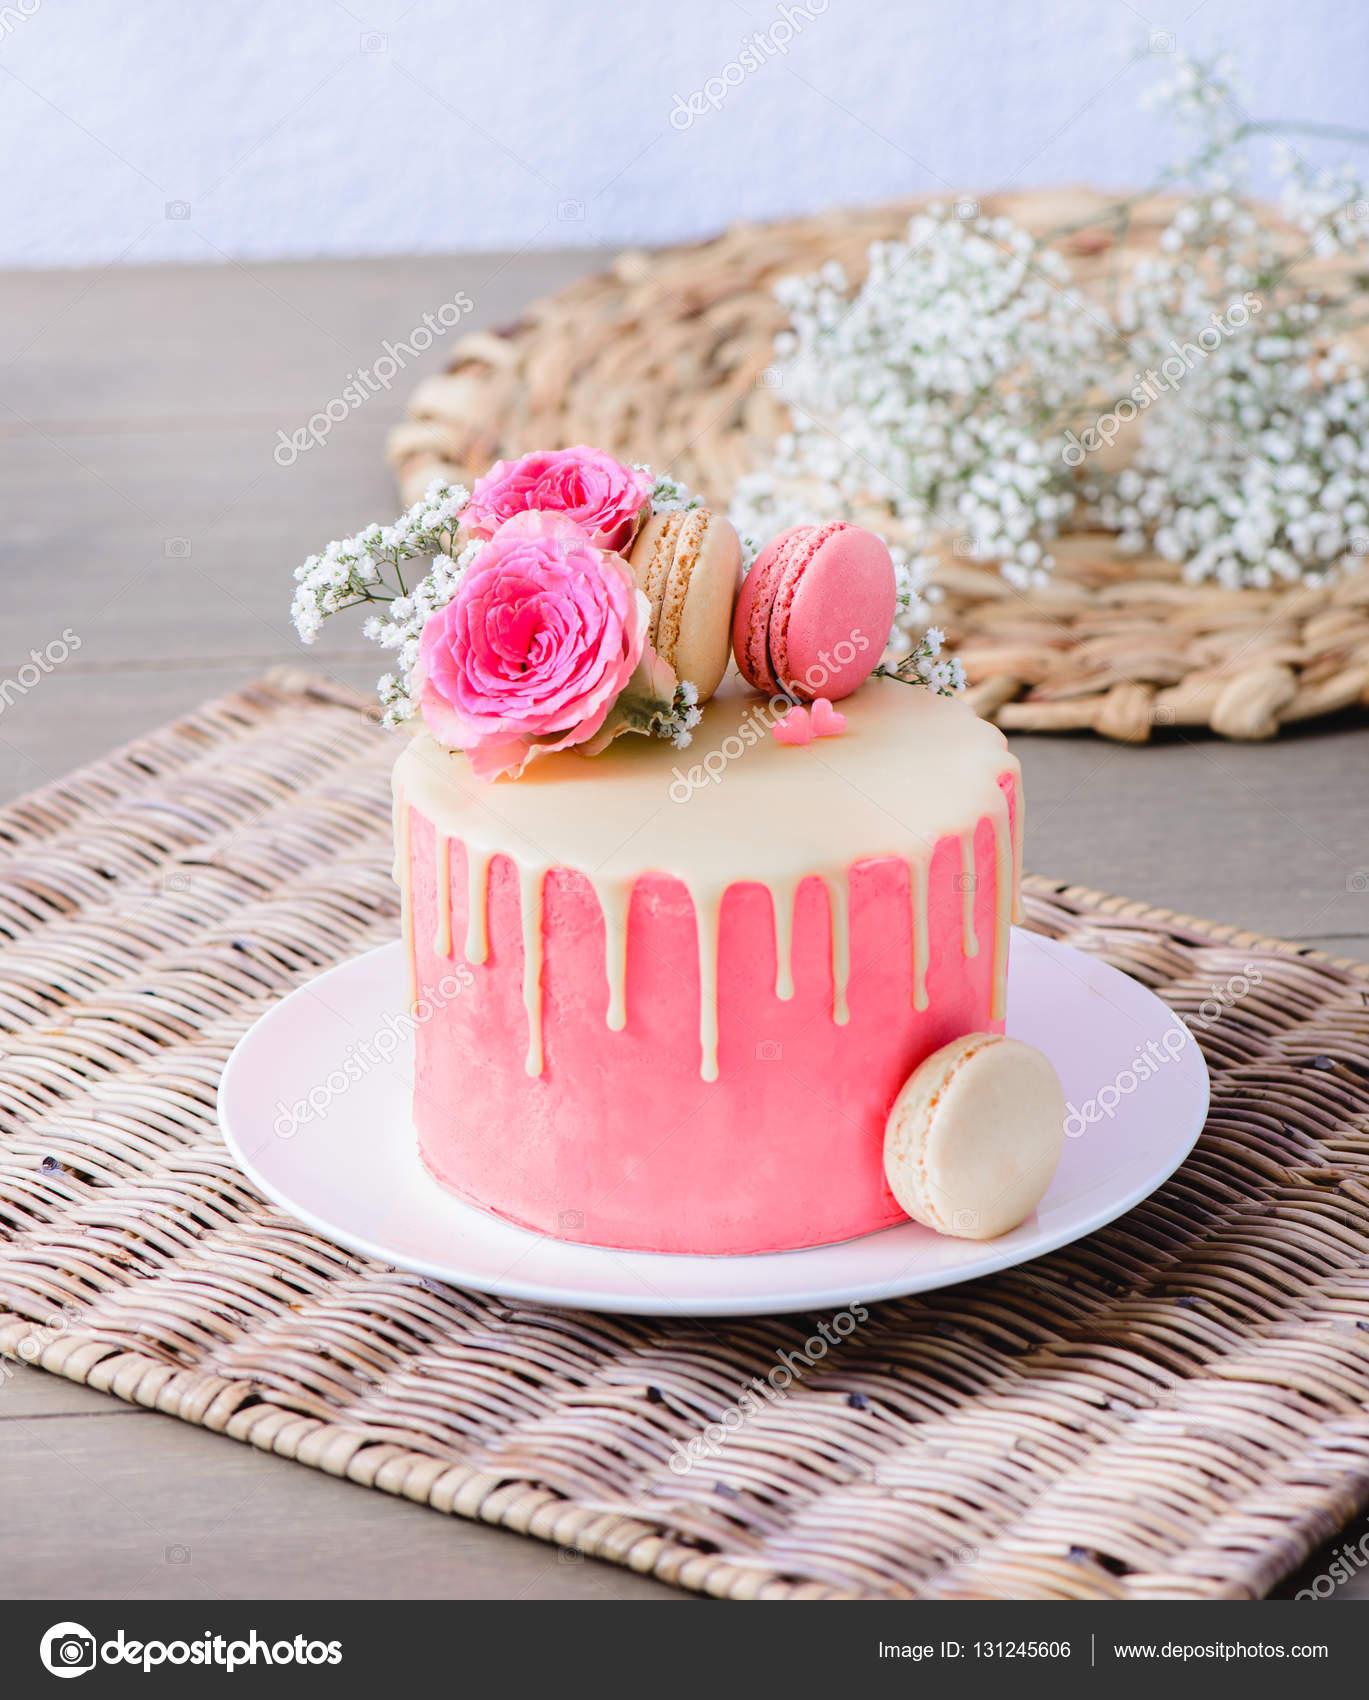 különleges torta képek Egy különleges alkalomra, torta — Stock Fotó © anatols #131245606 különleges torta képek